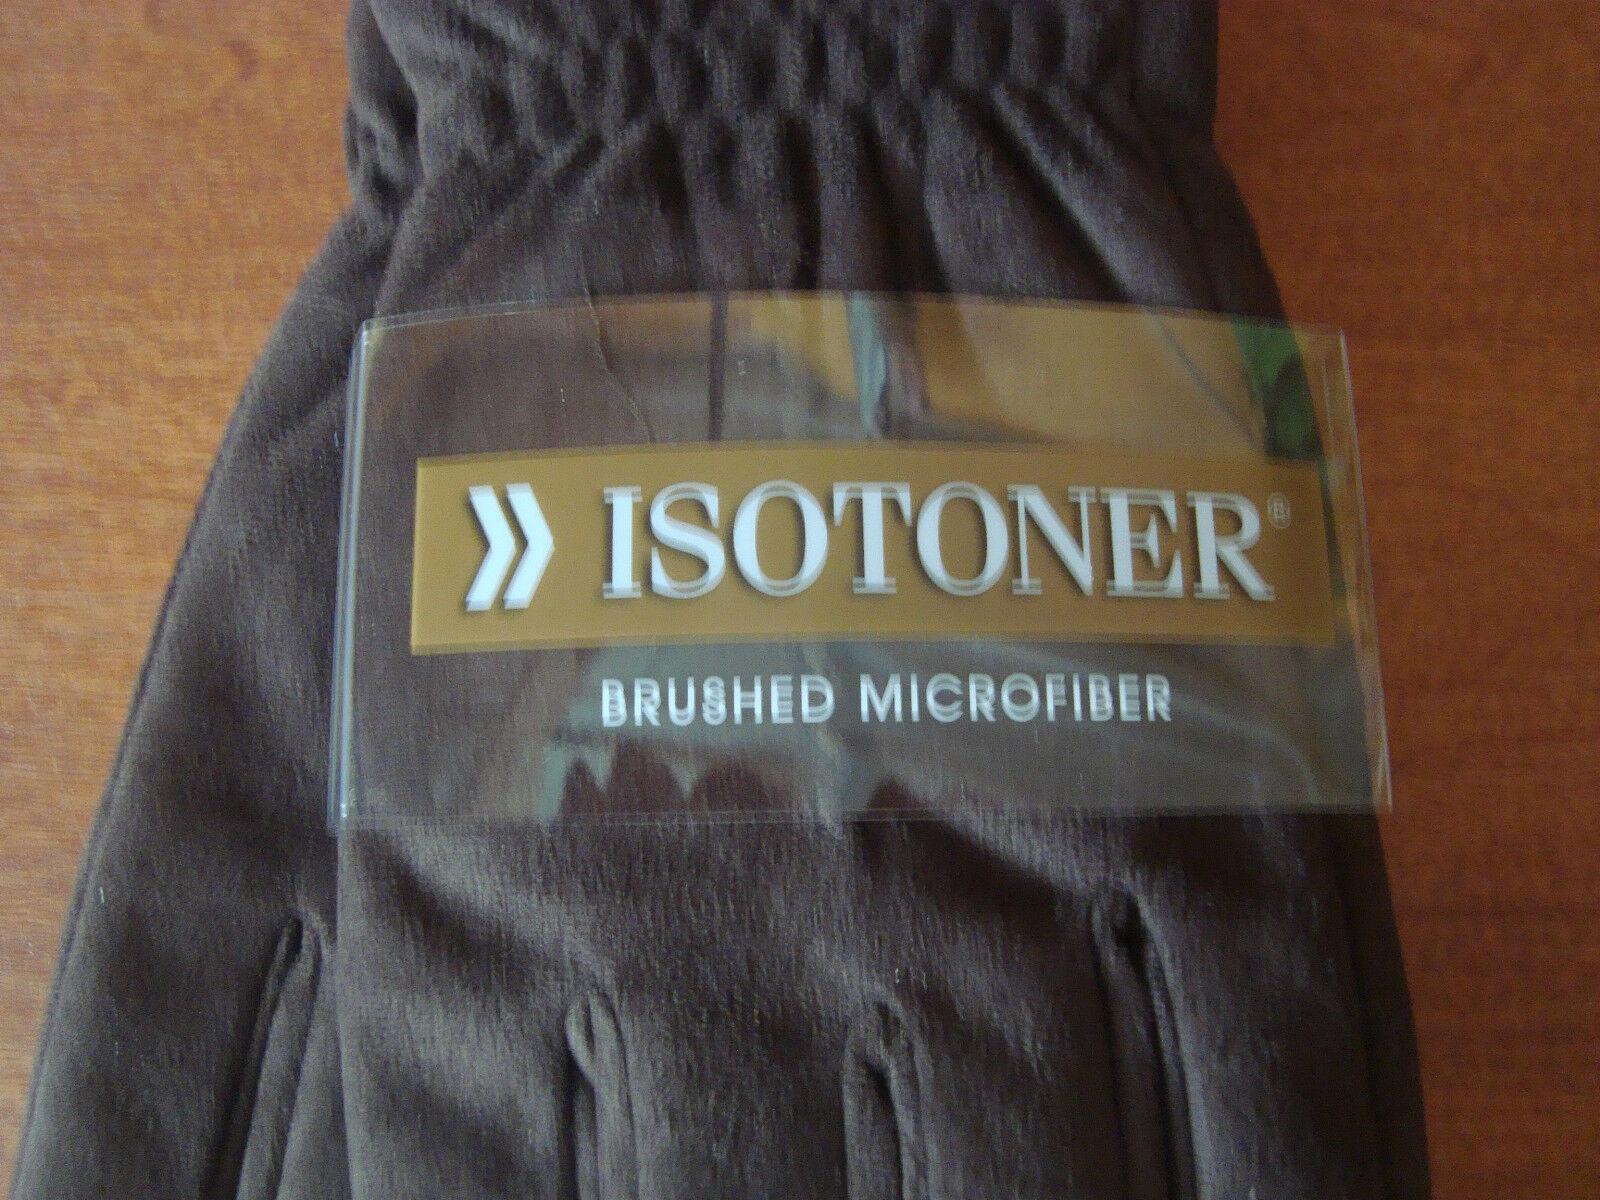 New Mens Size Large L Black ISOTONER Winter Gloves Brushed Microfiber Fleece